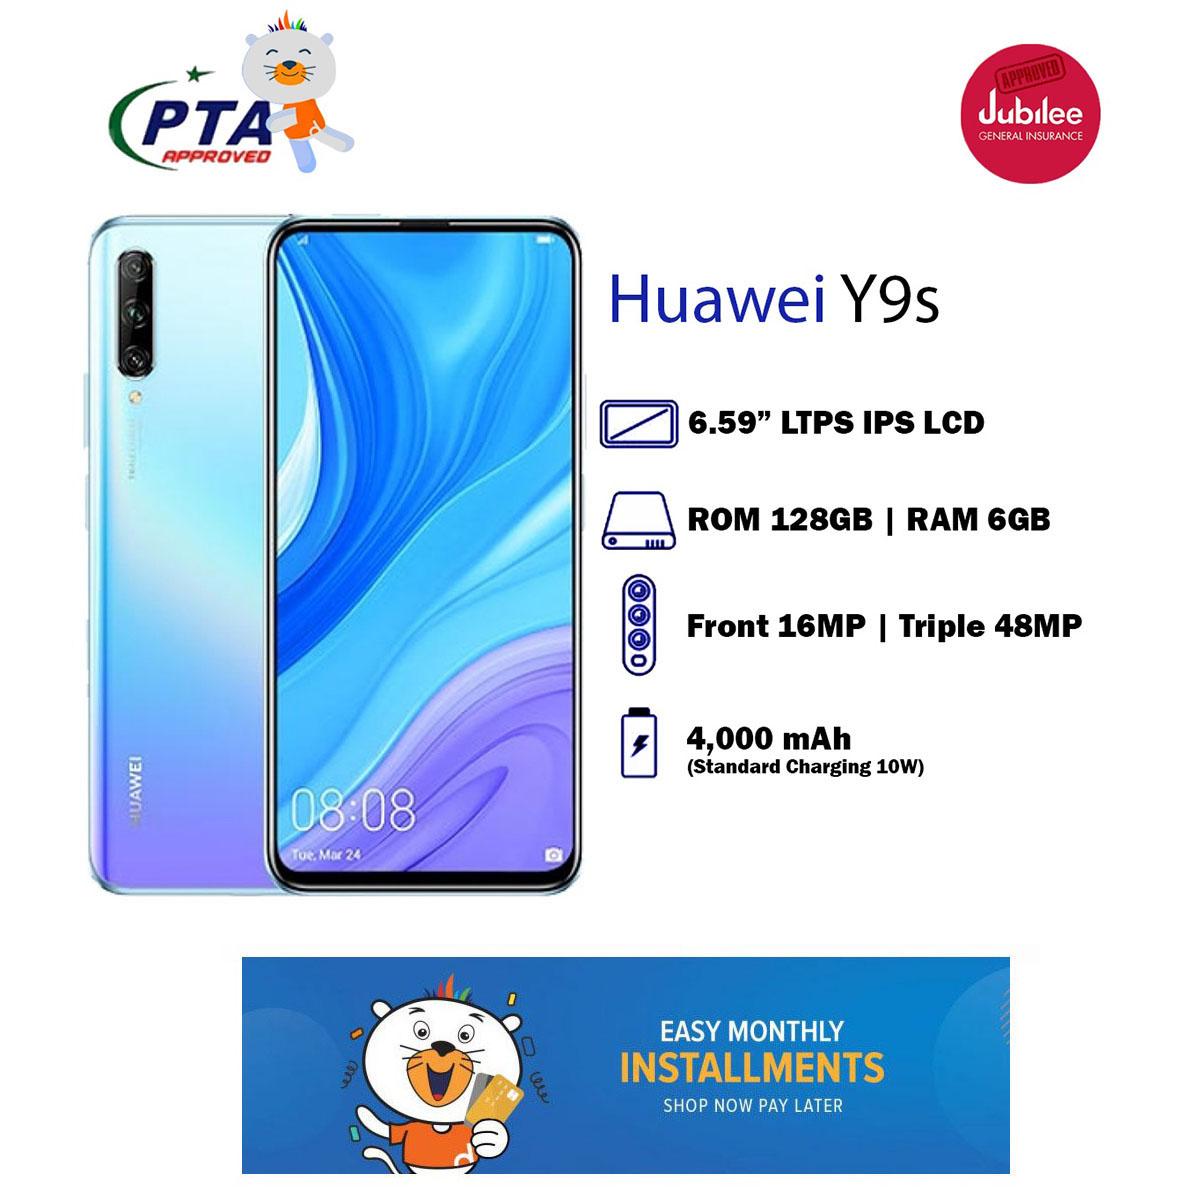 Huawei Y9s 48 Mp Triple Ai Camera 6.59 Fhd+ Display 6 Gb + 128 Gb Rom